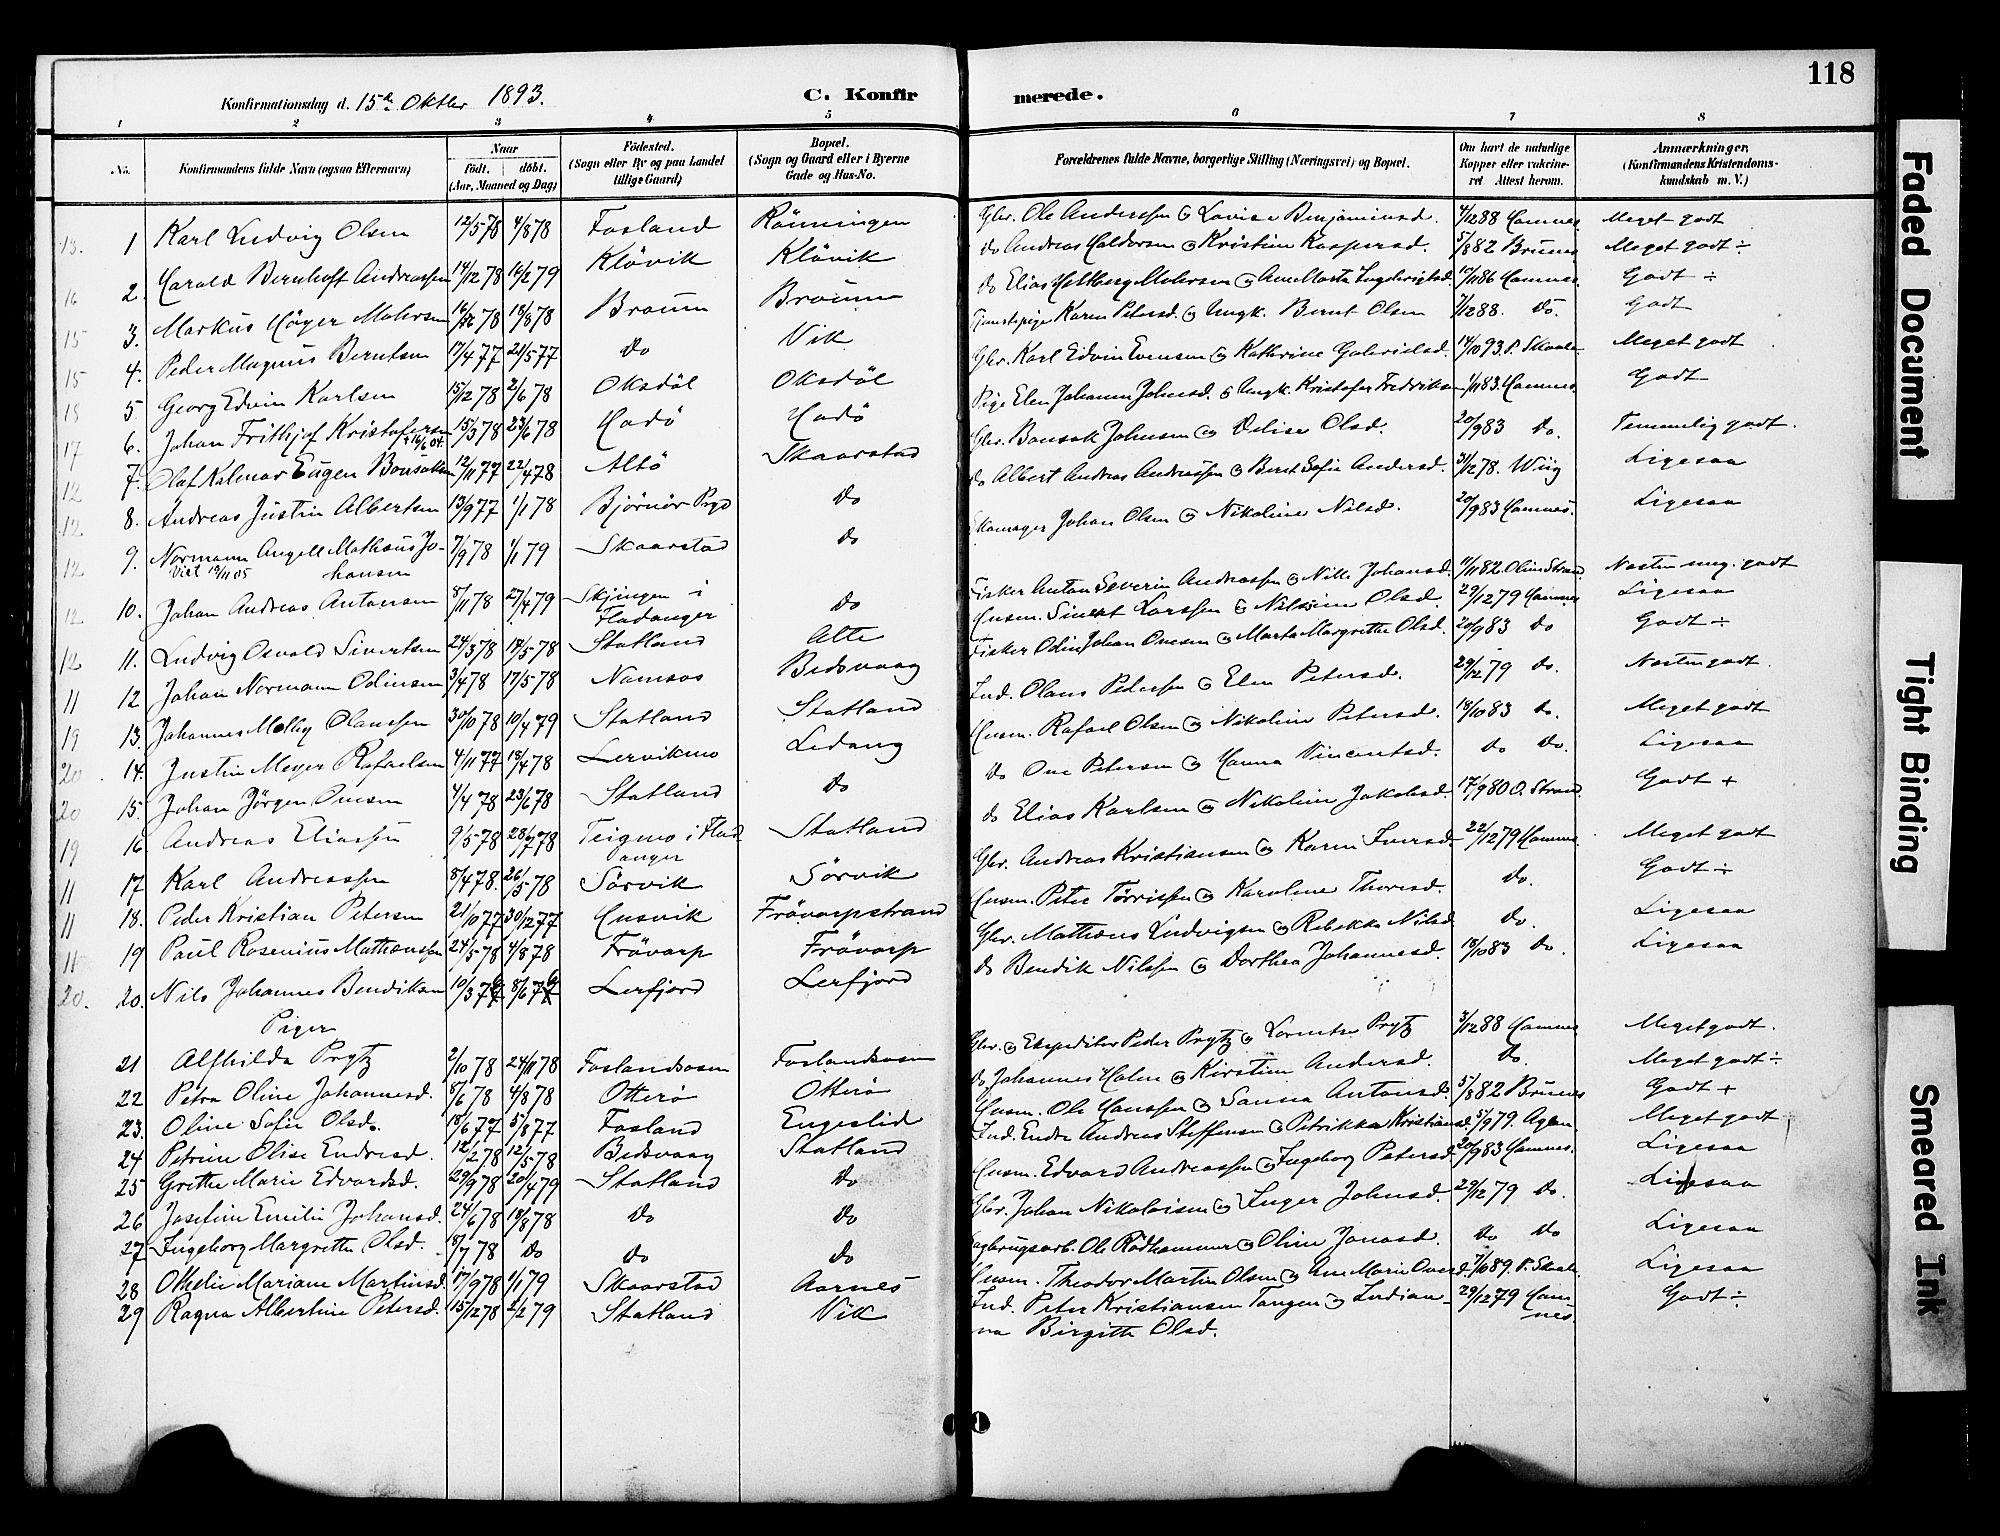 SAT, Ministerialprotokoller, klokkerbøker og fødselsregistre - Nord-Trøndelag, 774/L0628: Ministerialbok nr. 774A02, 1887-1903, s. 118